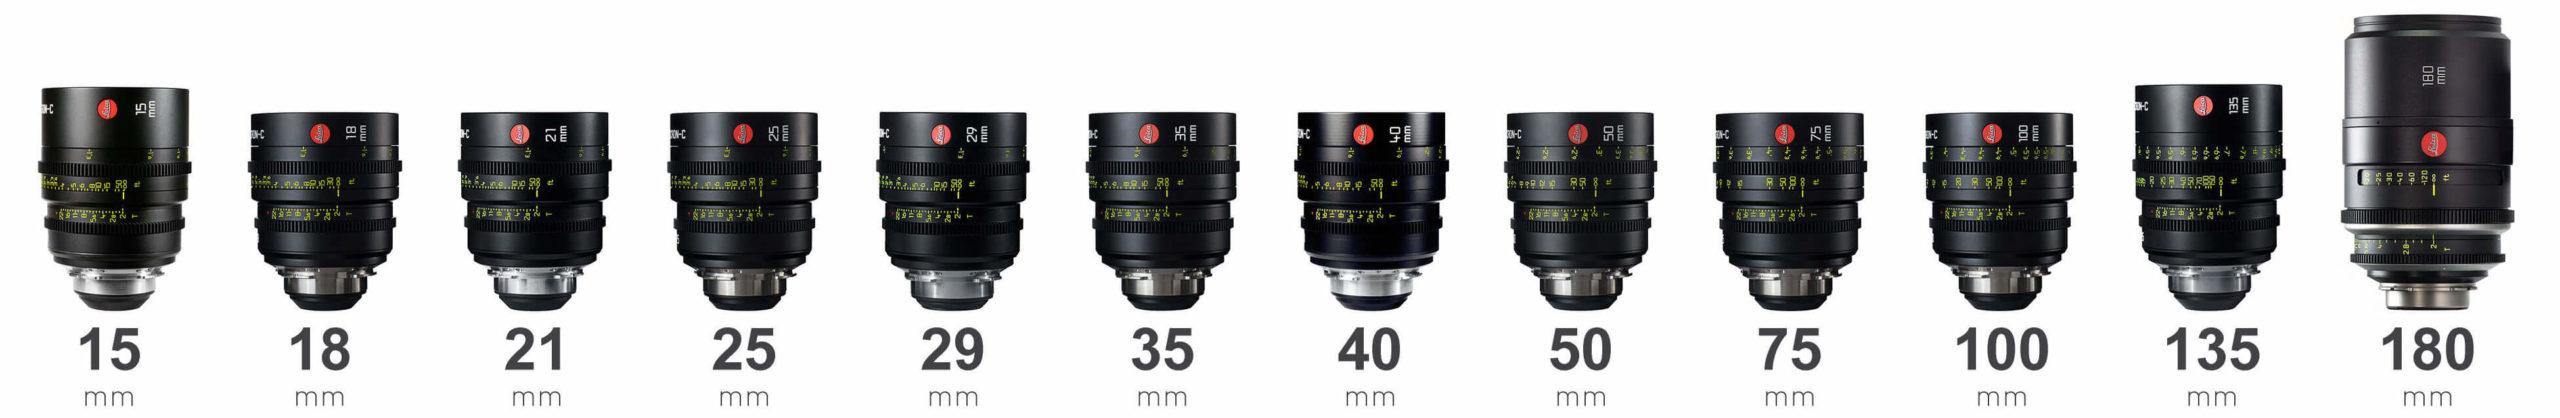 Leica Leitz Summicron-C lenses